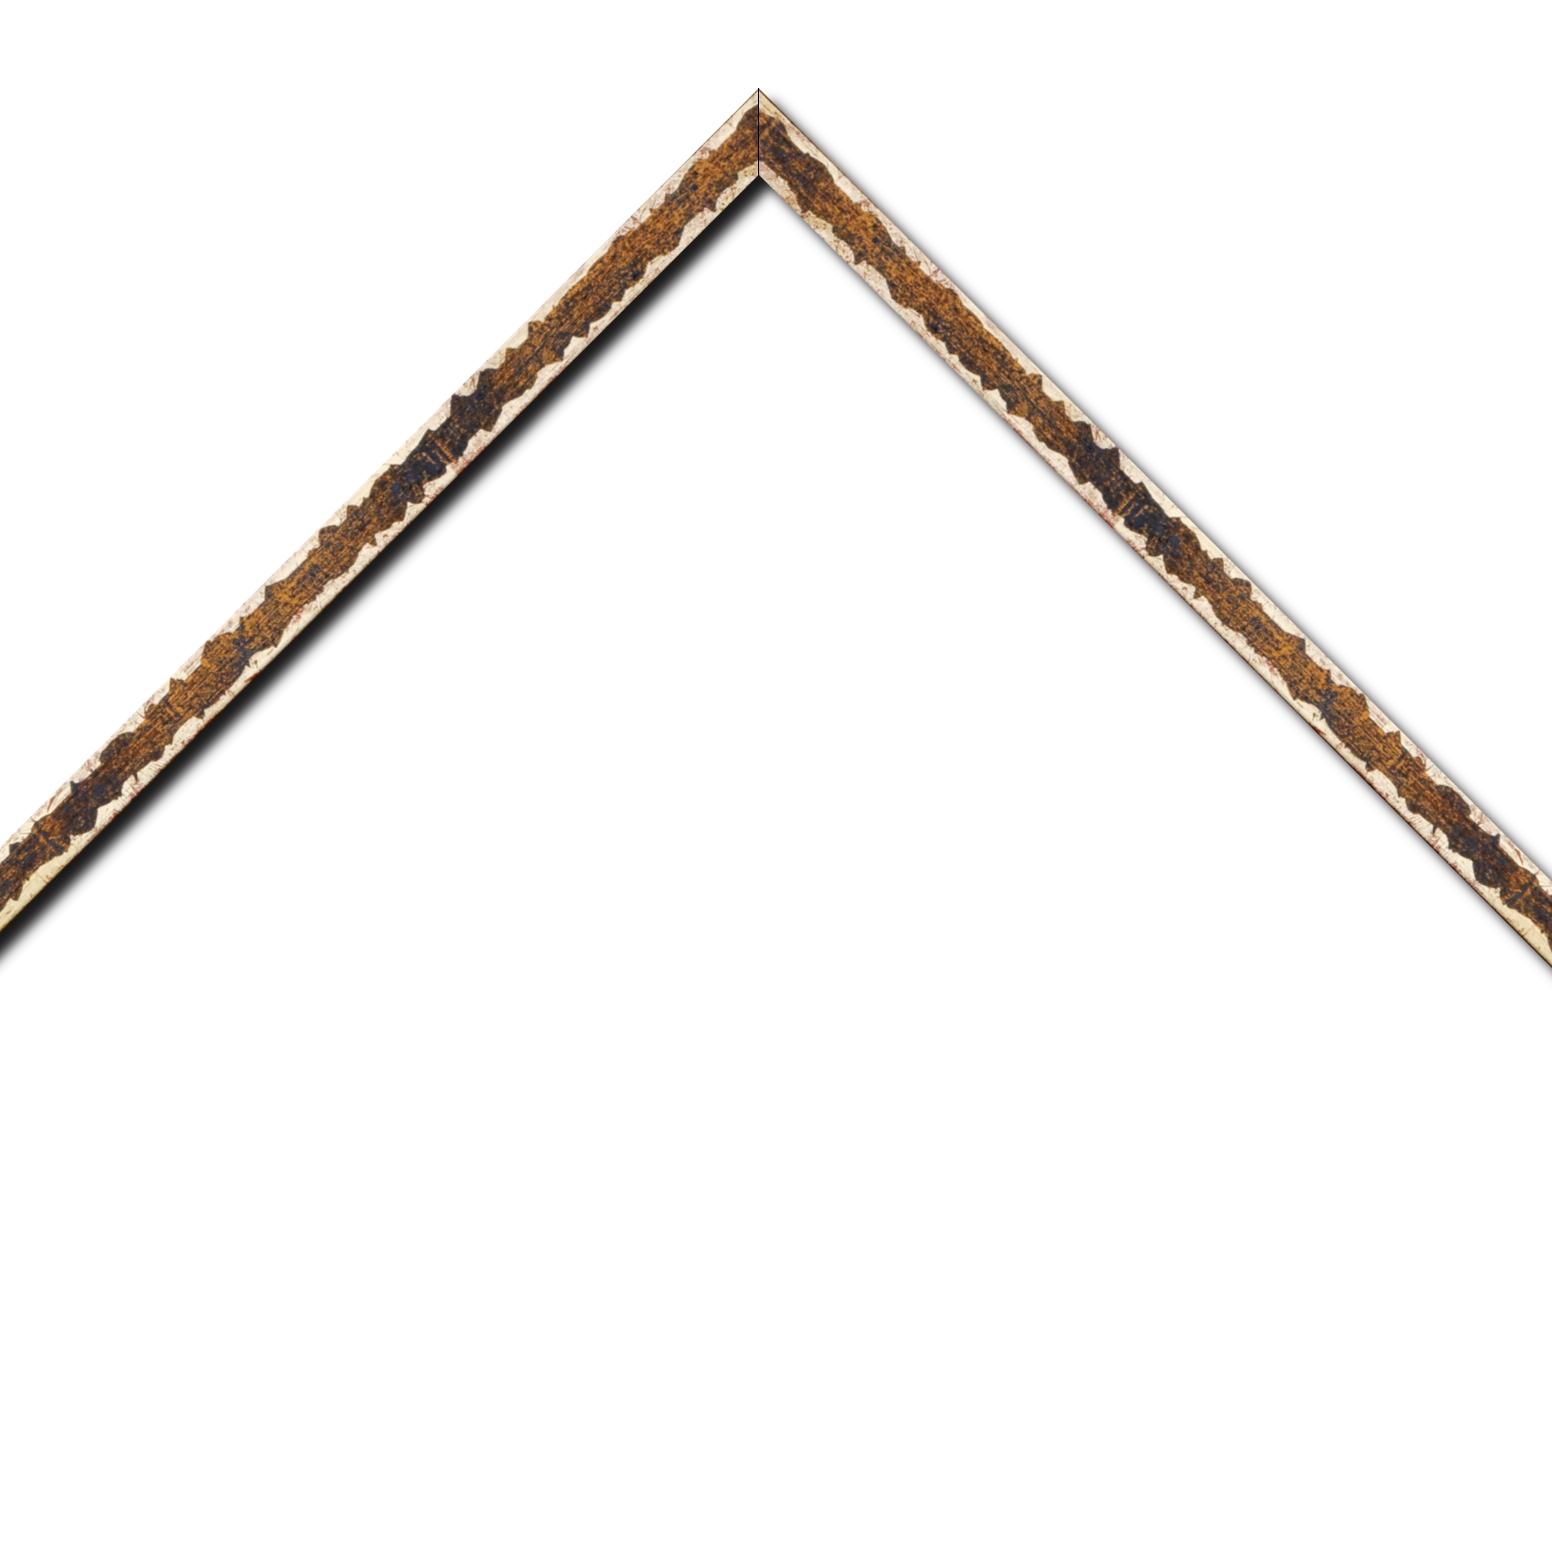 Baguette bois profil plat largeur 1.5cm couleur bleu fond or ,bord or déstructuré ( extérieur du cadre ton bois marron)